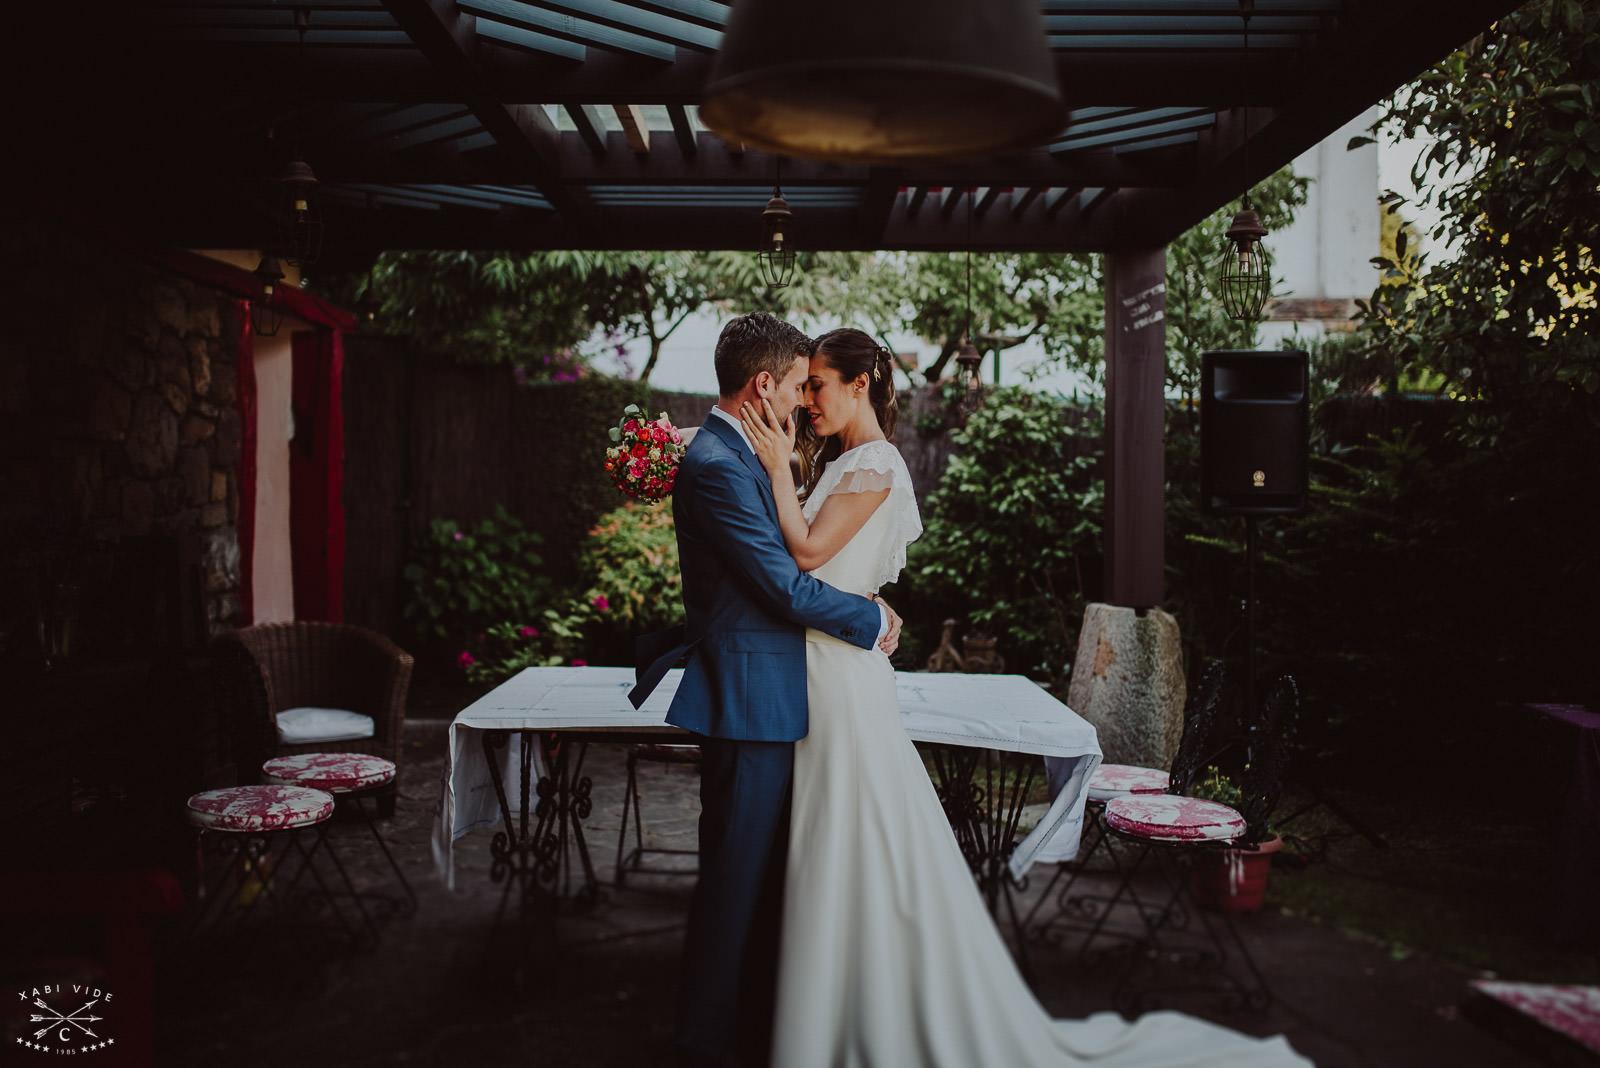 fotografo de bodas en bilbao-155